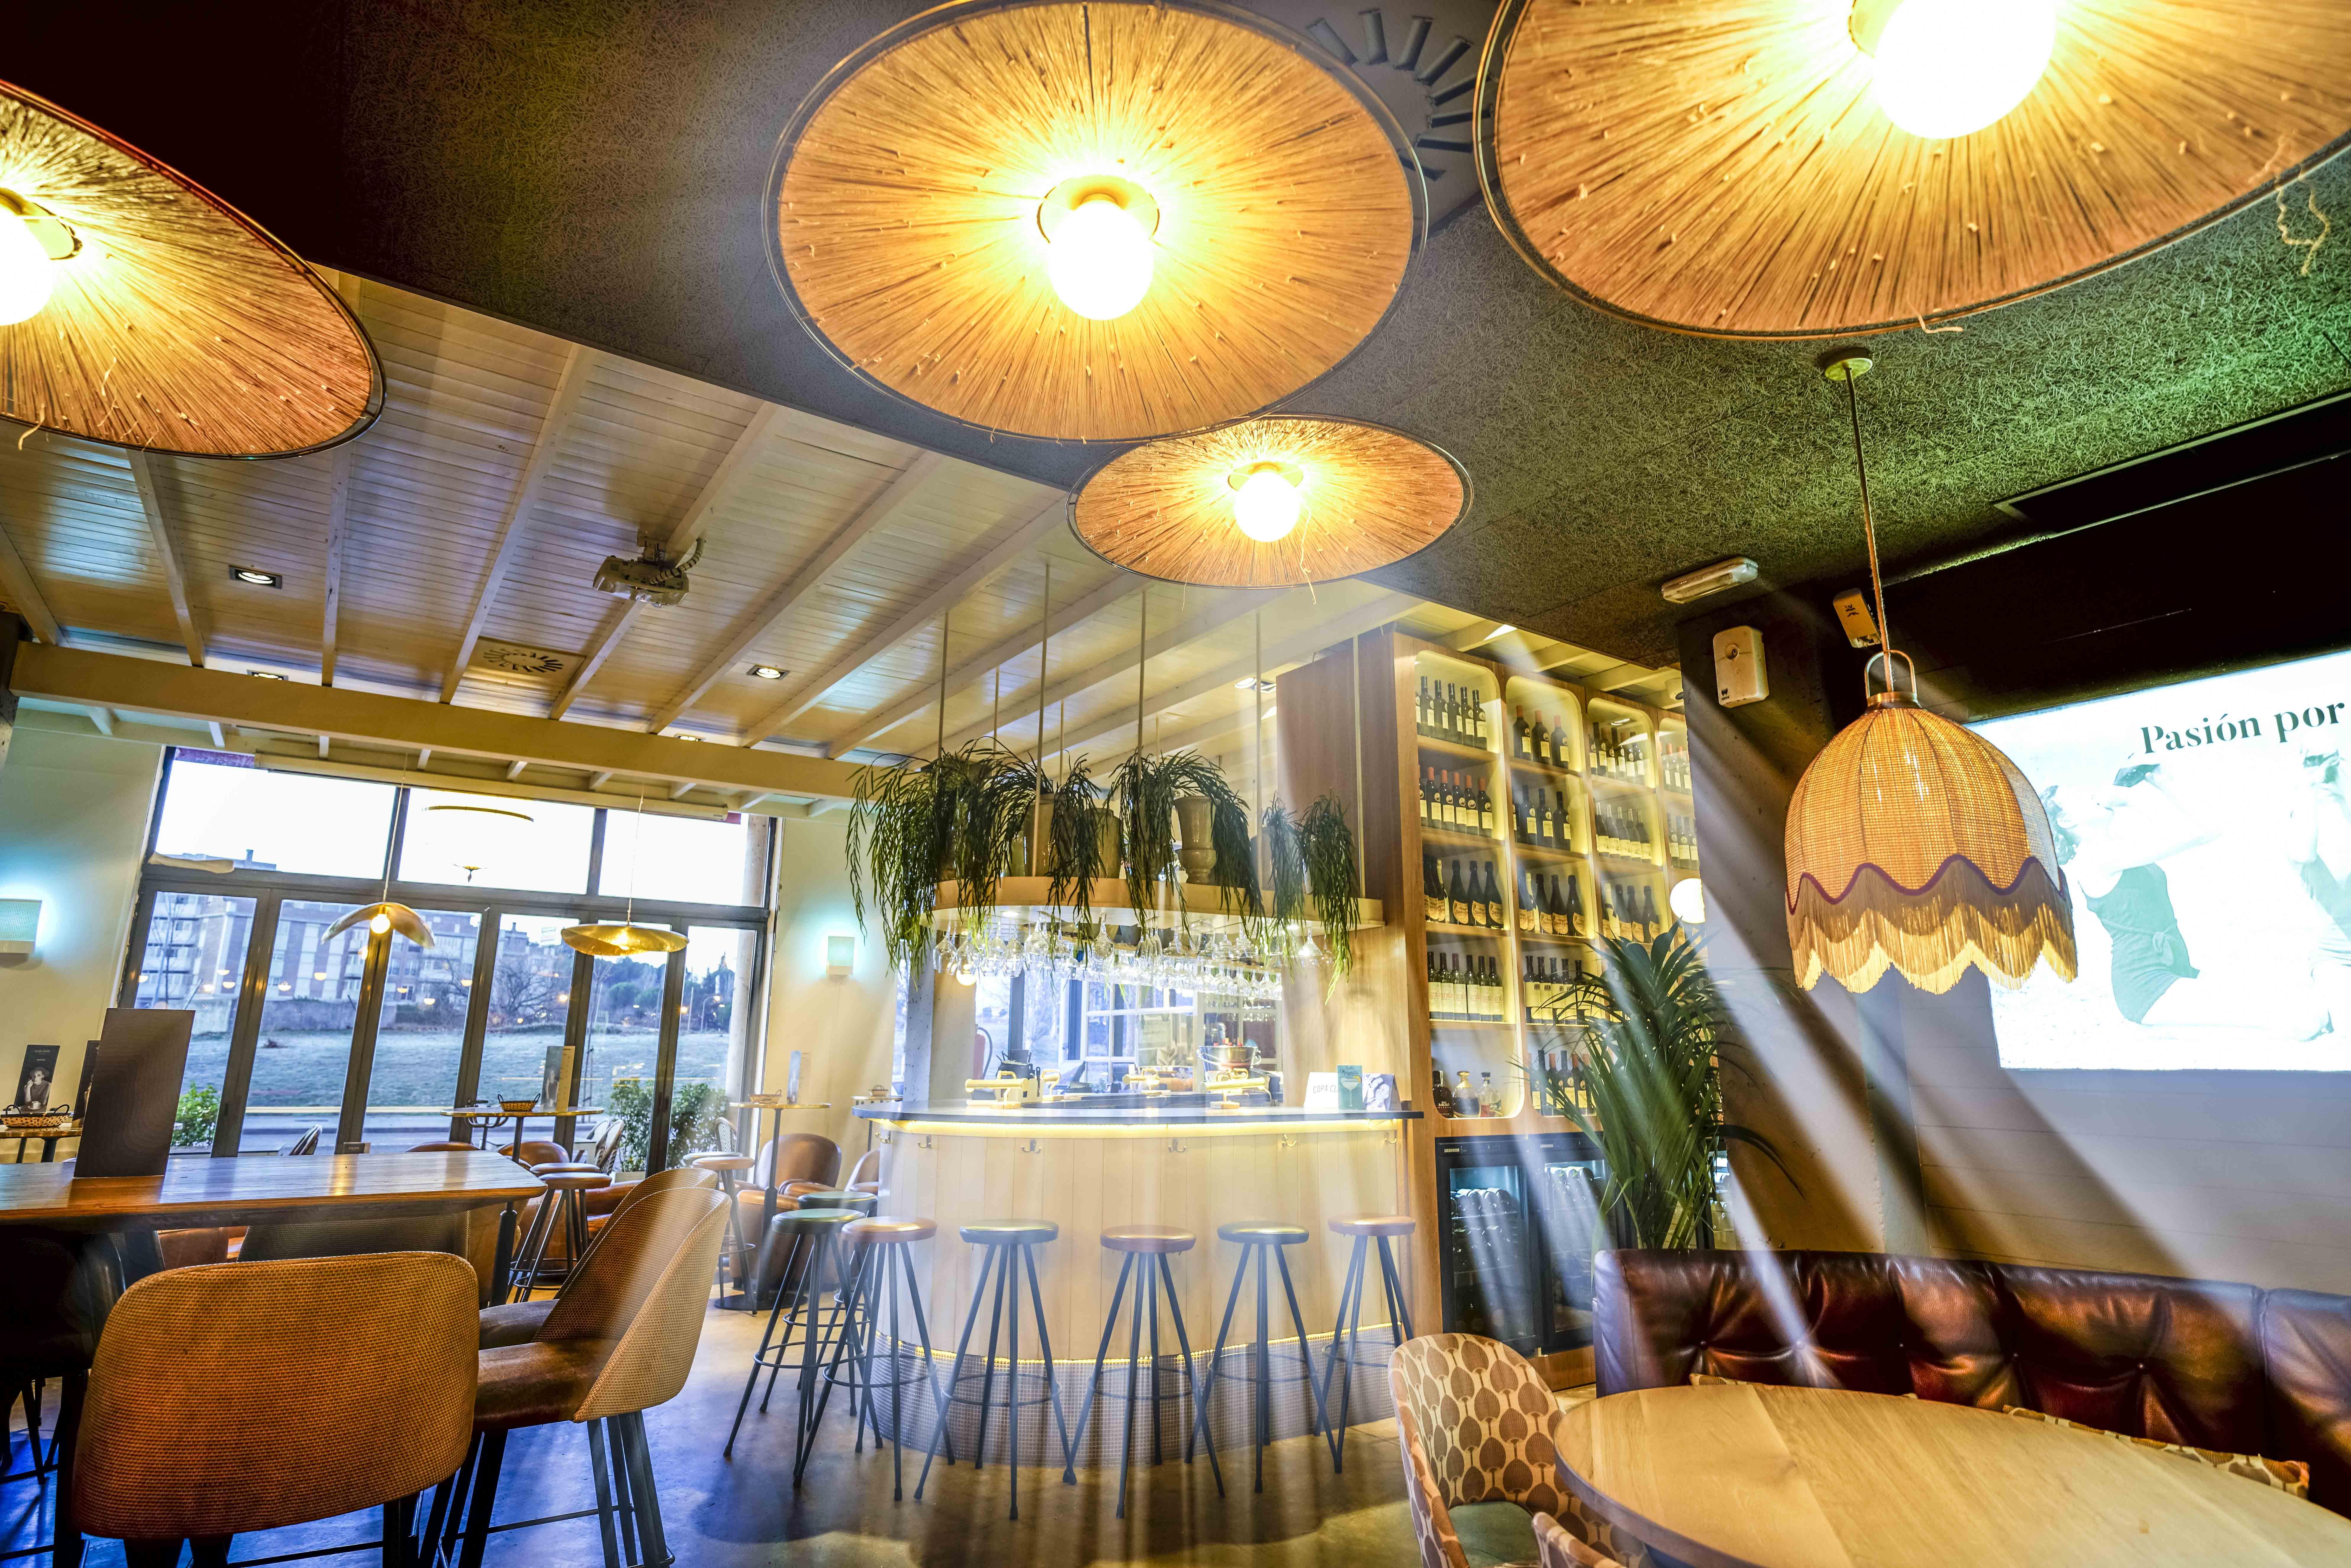 restaurante_en_copa_de_balón_aravaca_madrid